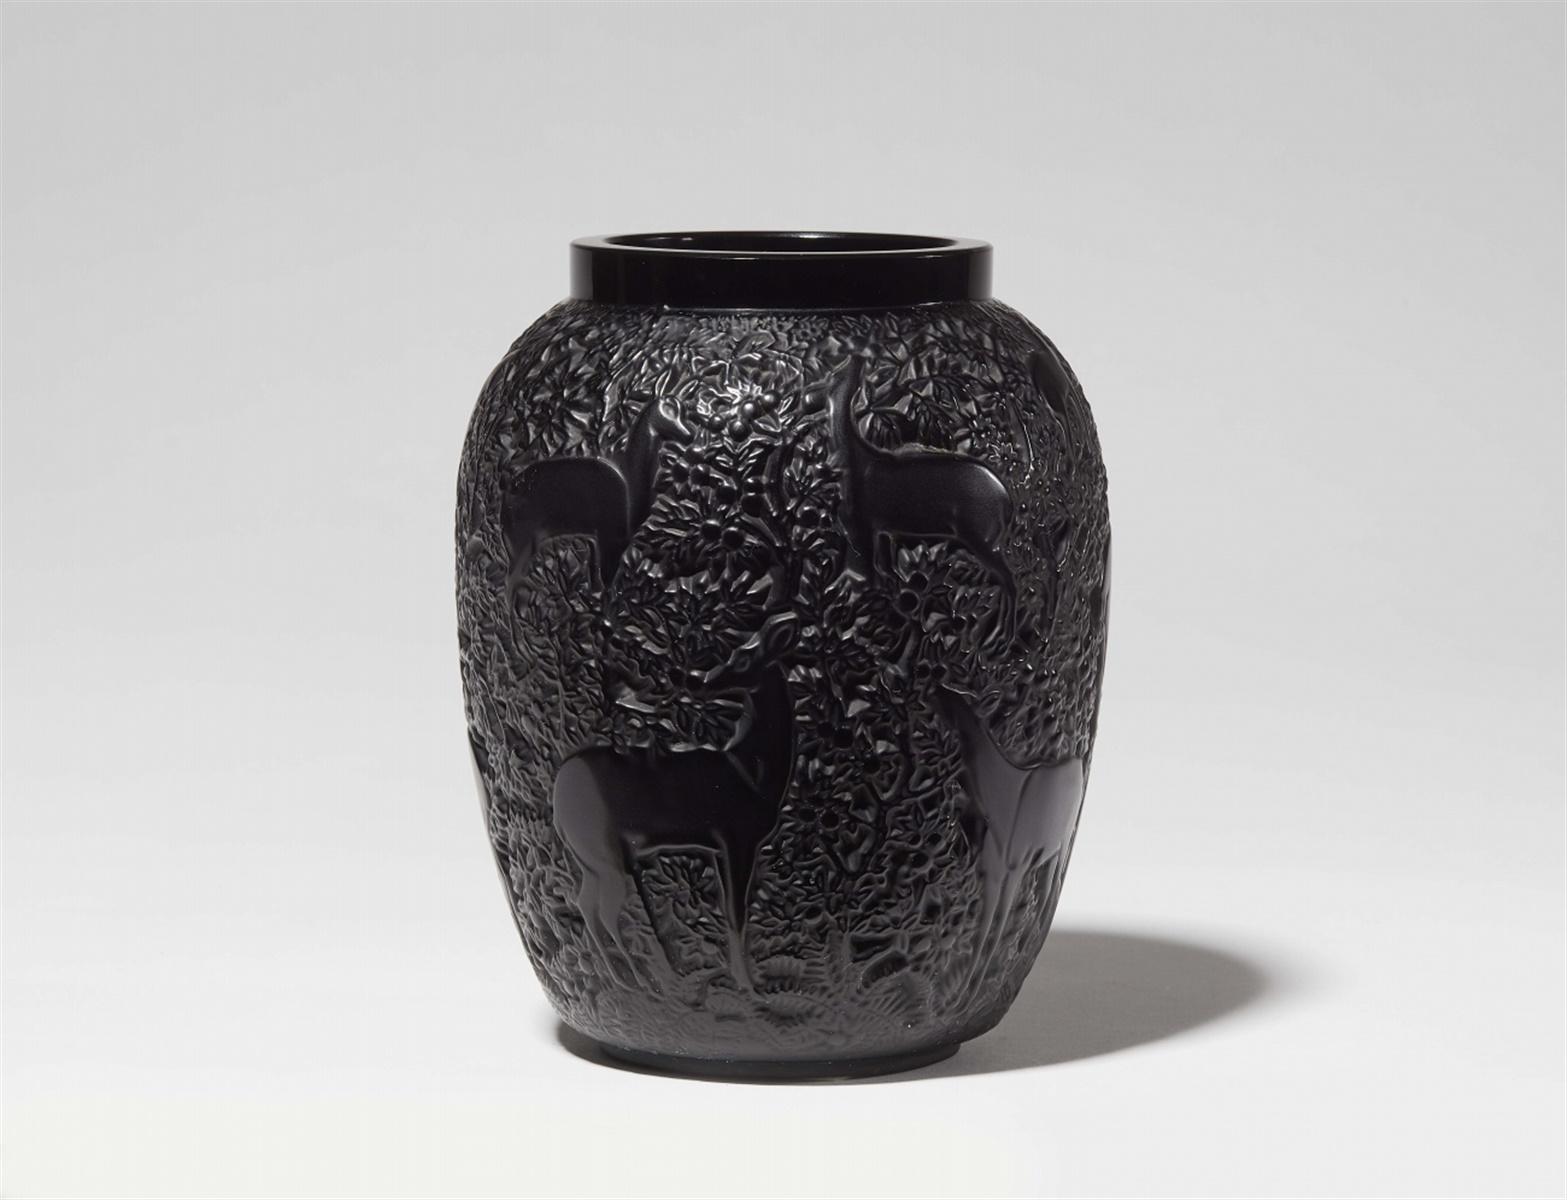 Vase bichesModelgeformtes schwarzes Glas. Modell 1082, nach 1947 als Modell 2015 und ab 1951 als